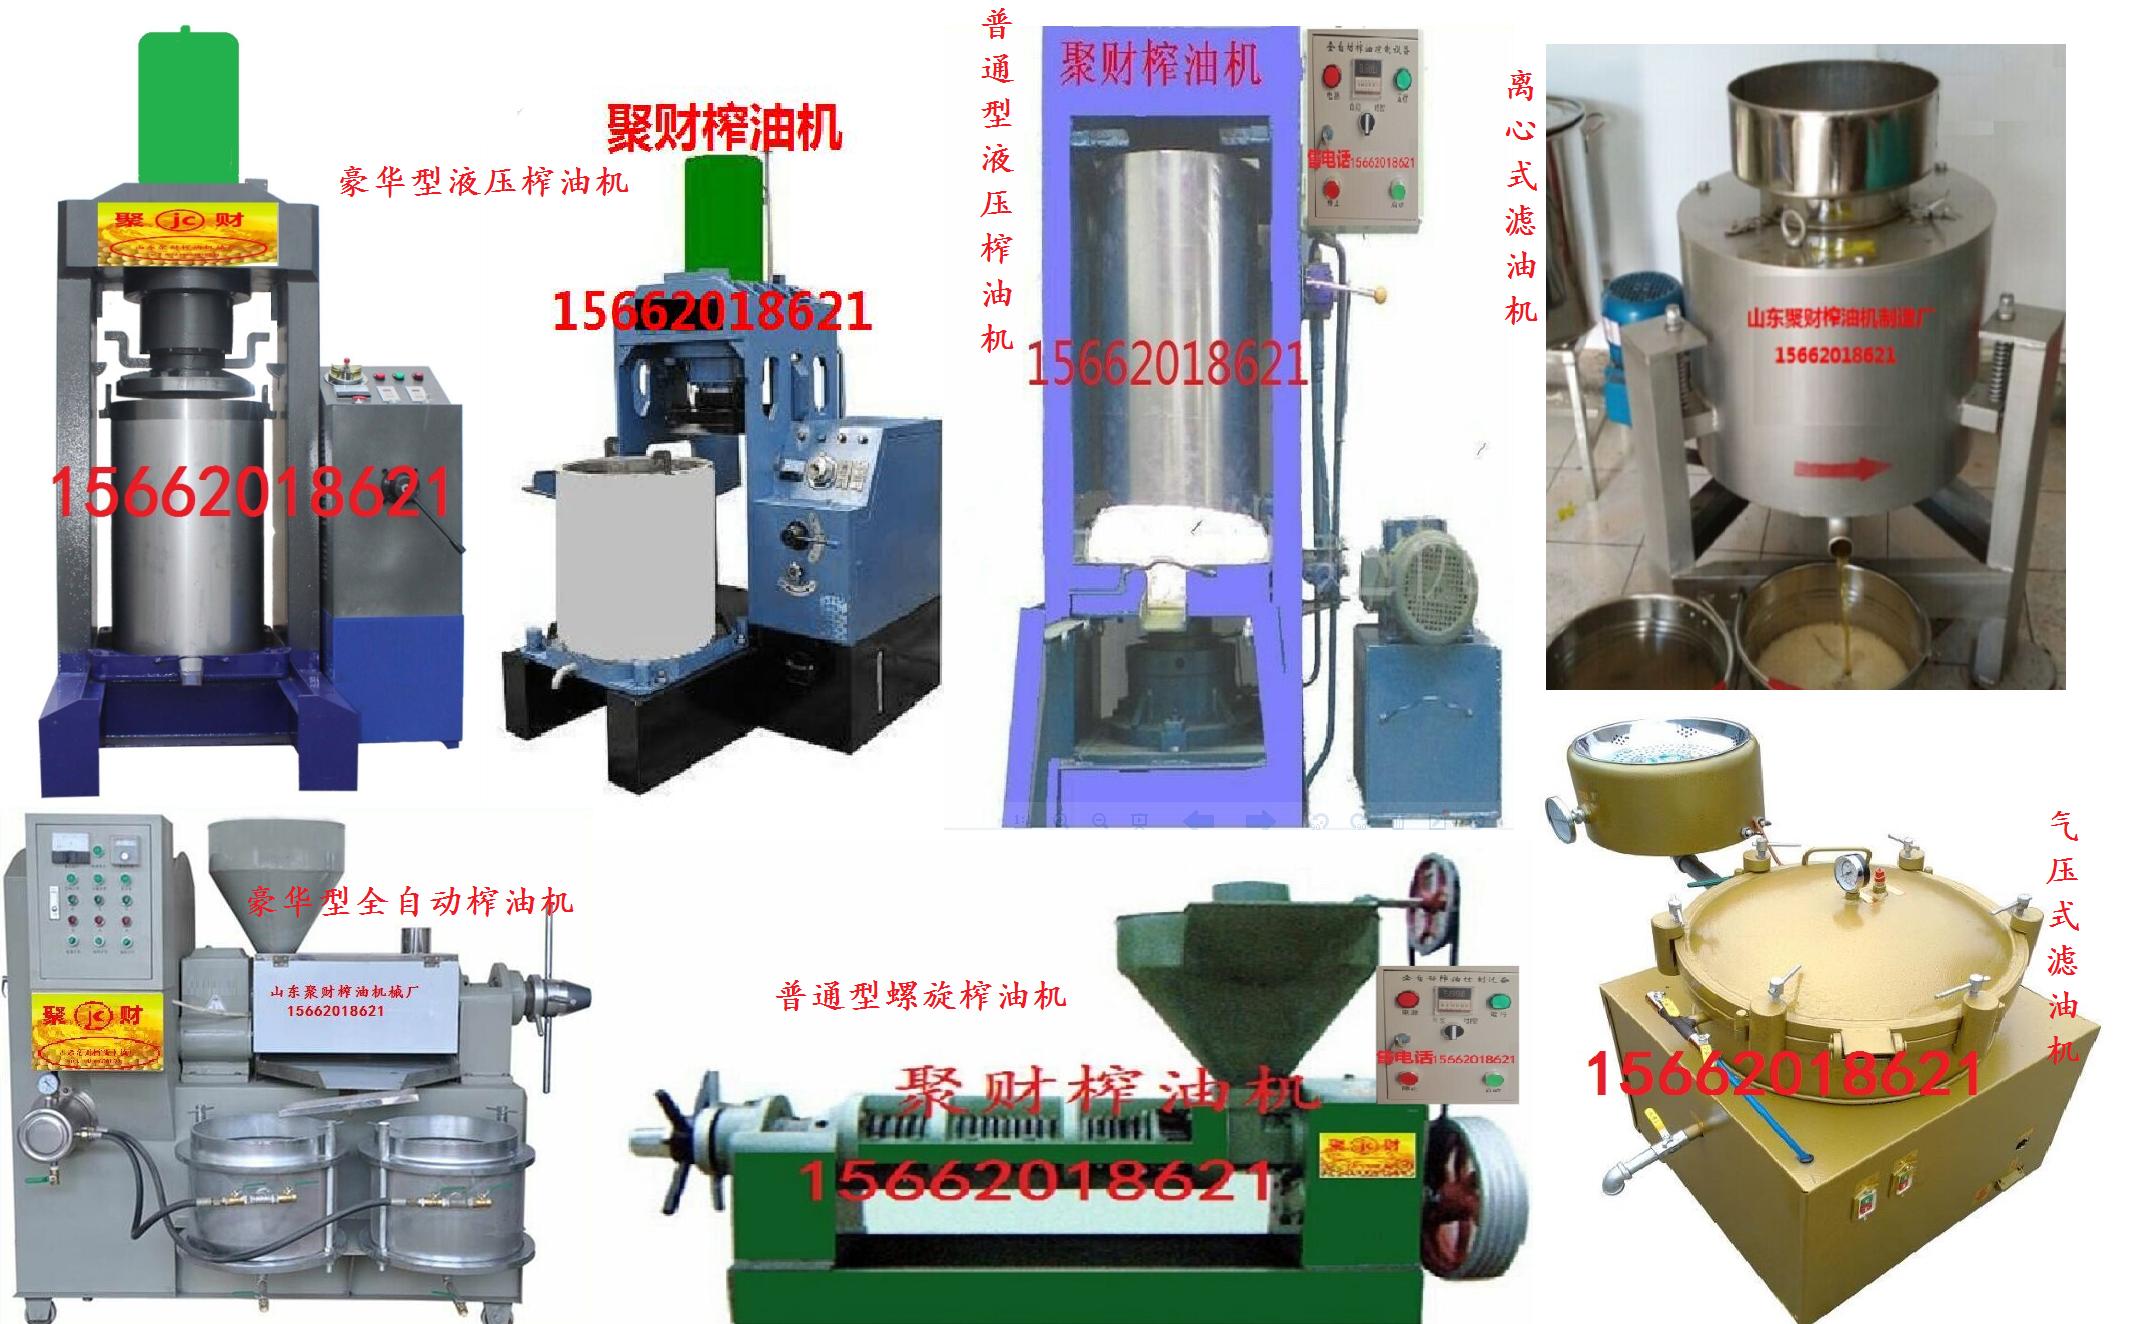 供应辽宁瓦房店卖液压大豆榨油机生产厂;全自动榨油机;大连榨油机;多功能榨油机价格多少钱